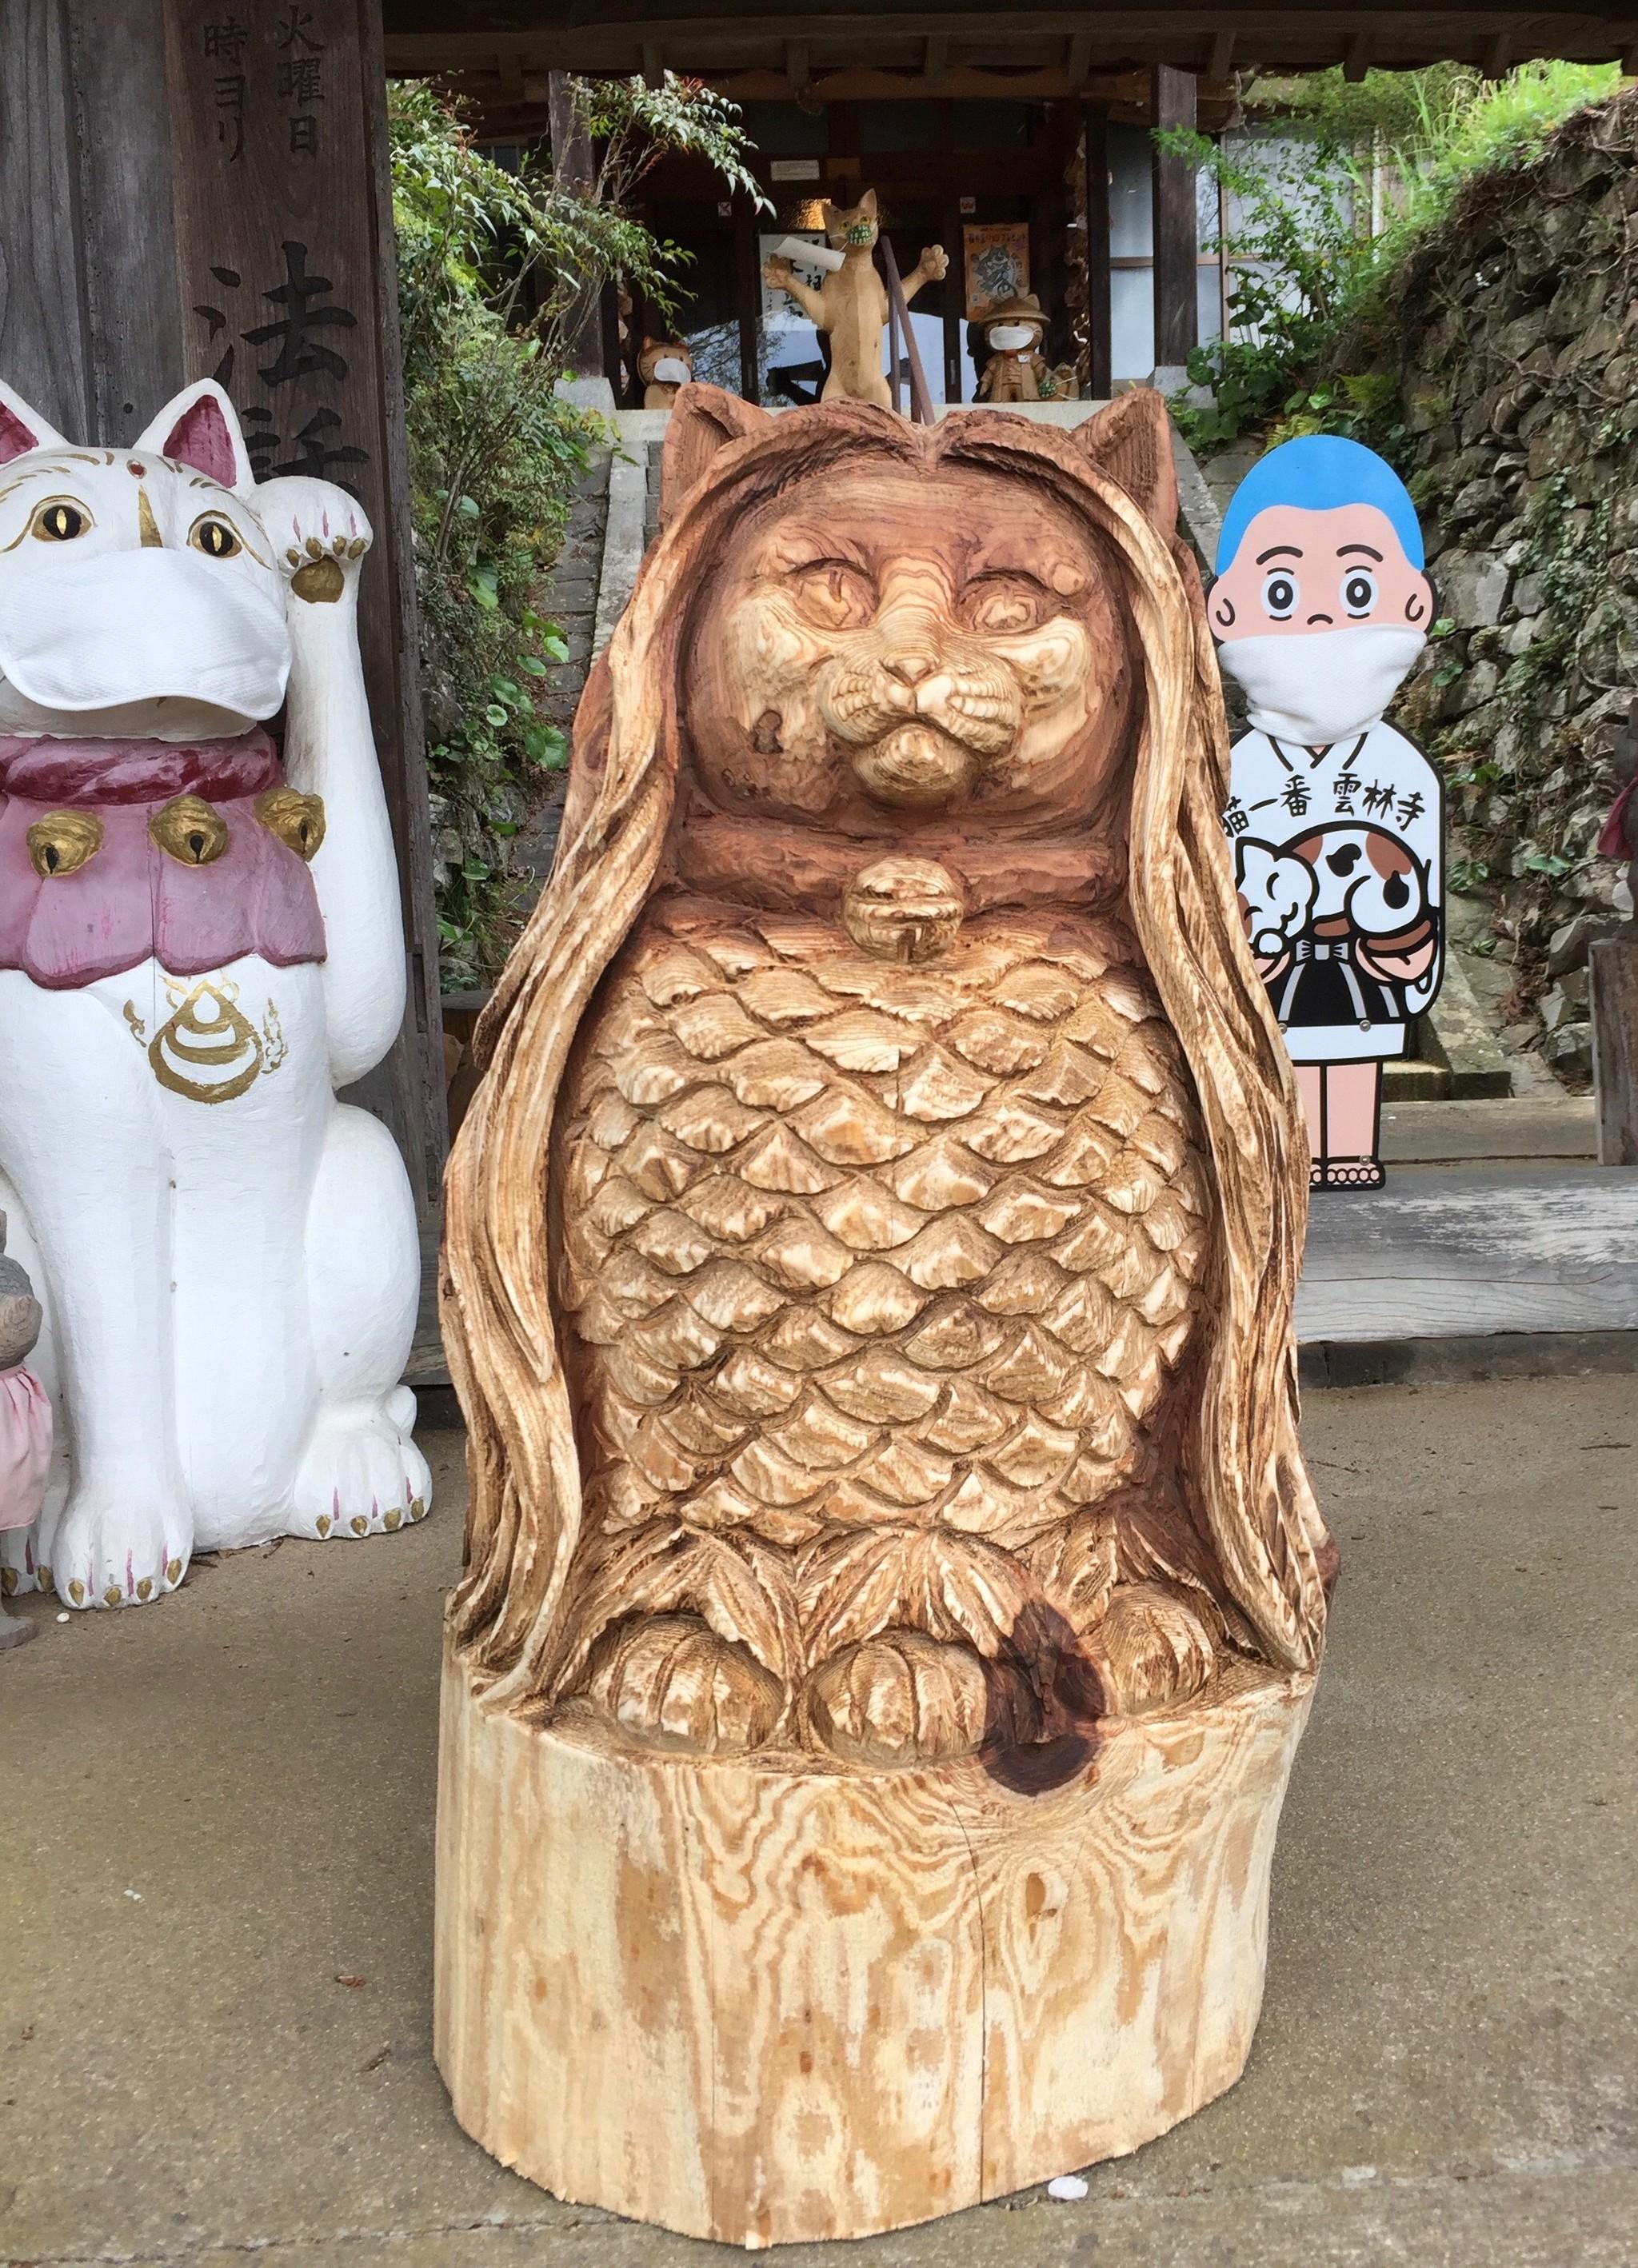 萩の「猫寺」に設置されたアマビエにゃらぬ「猫ビエ」さま 写真画像をお守りにする人も